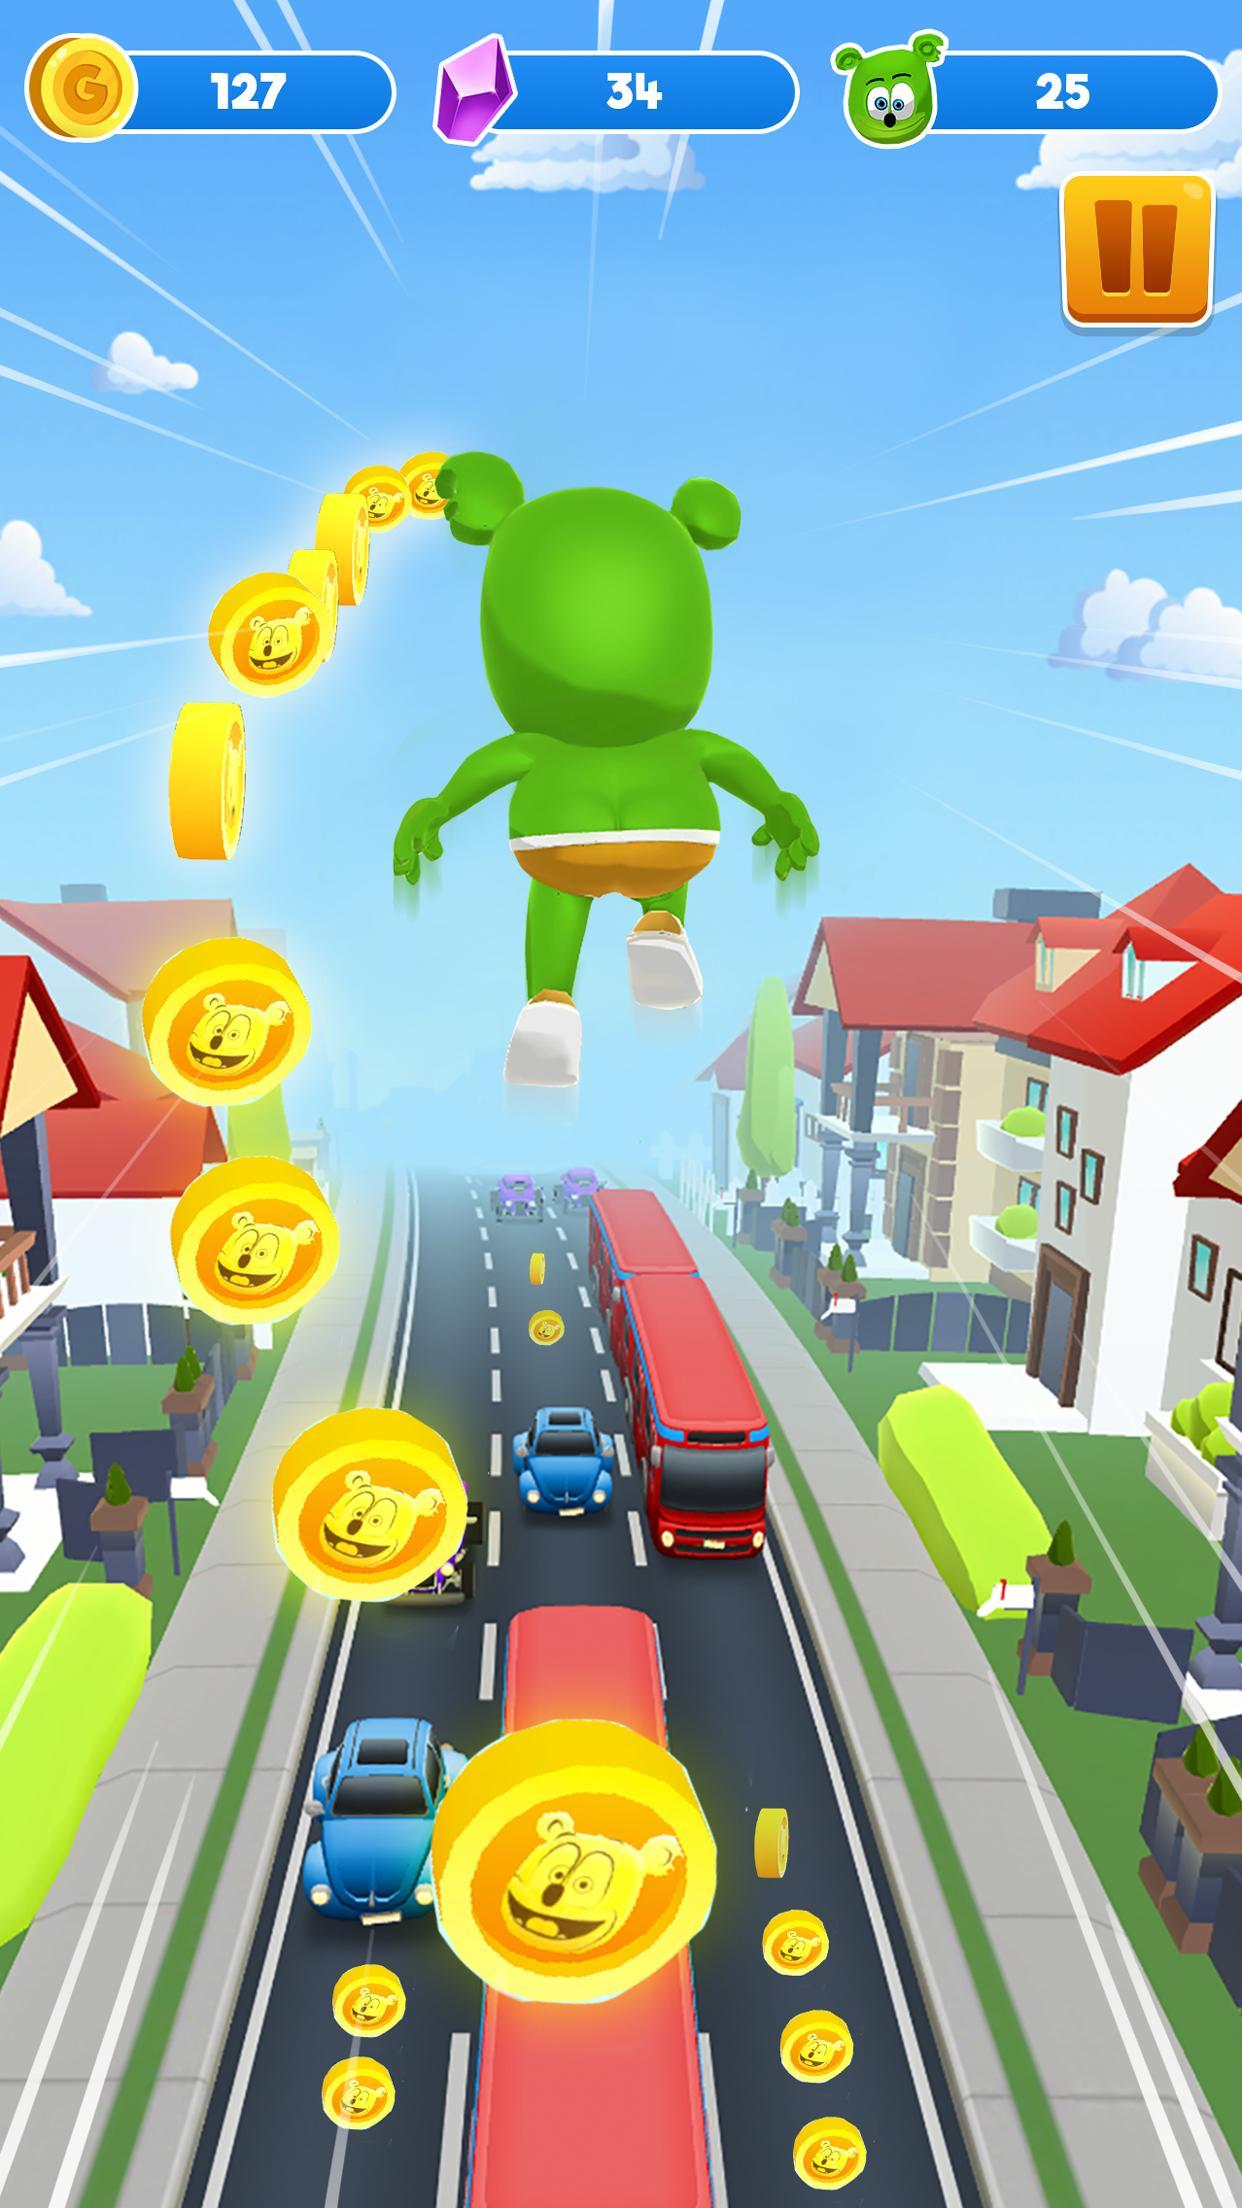 Gummy Bear Running - Endless Runner 2020 1.2.10 Screenshot 1